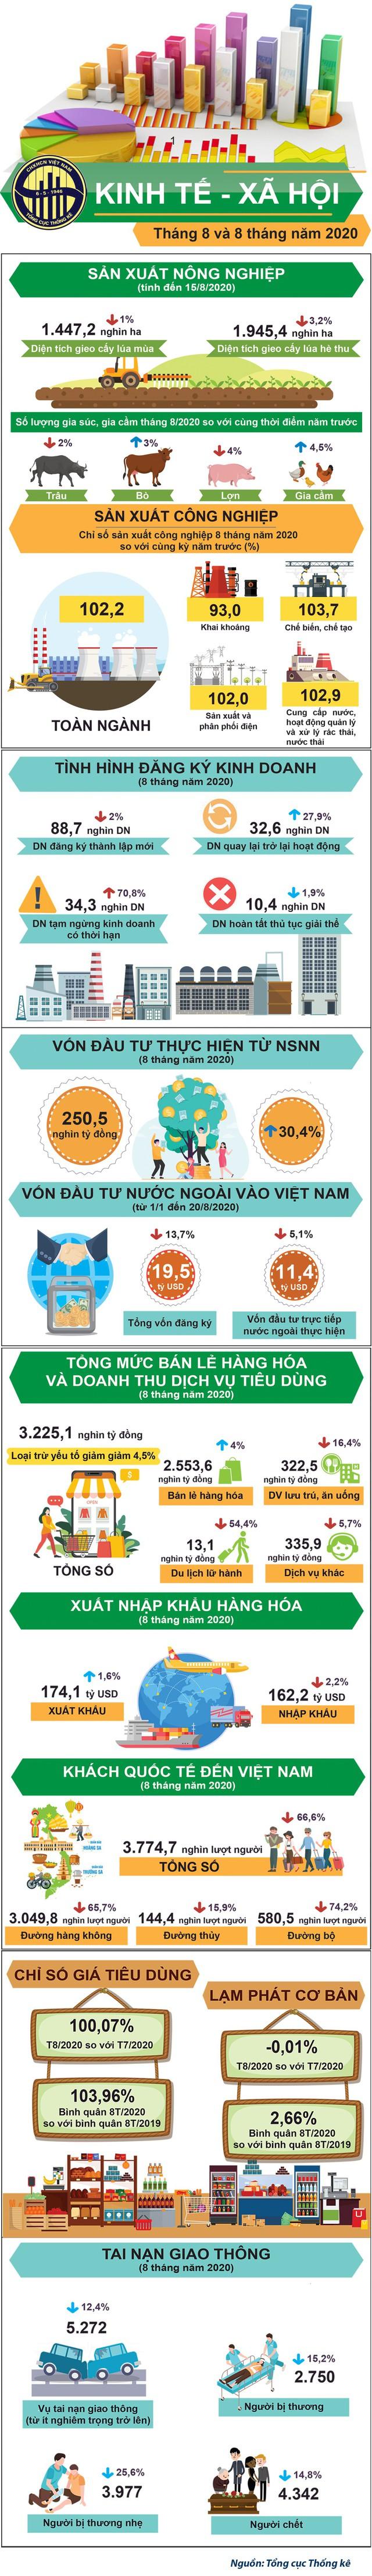 [Infographic] Toàn cảnh kinh tế - xã hội 8 tháng đầu năm 2020 qua những con số - Ảnh 1.